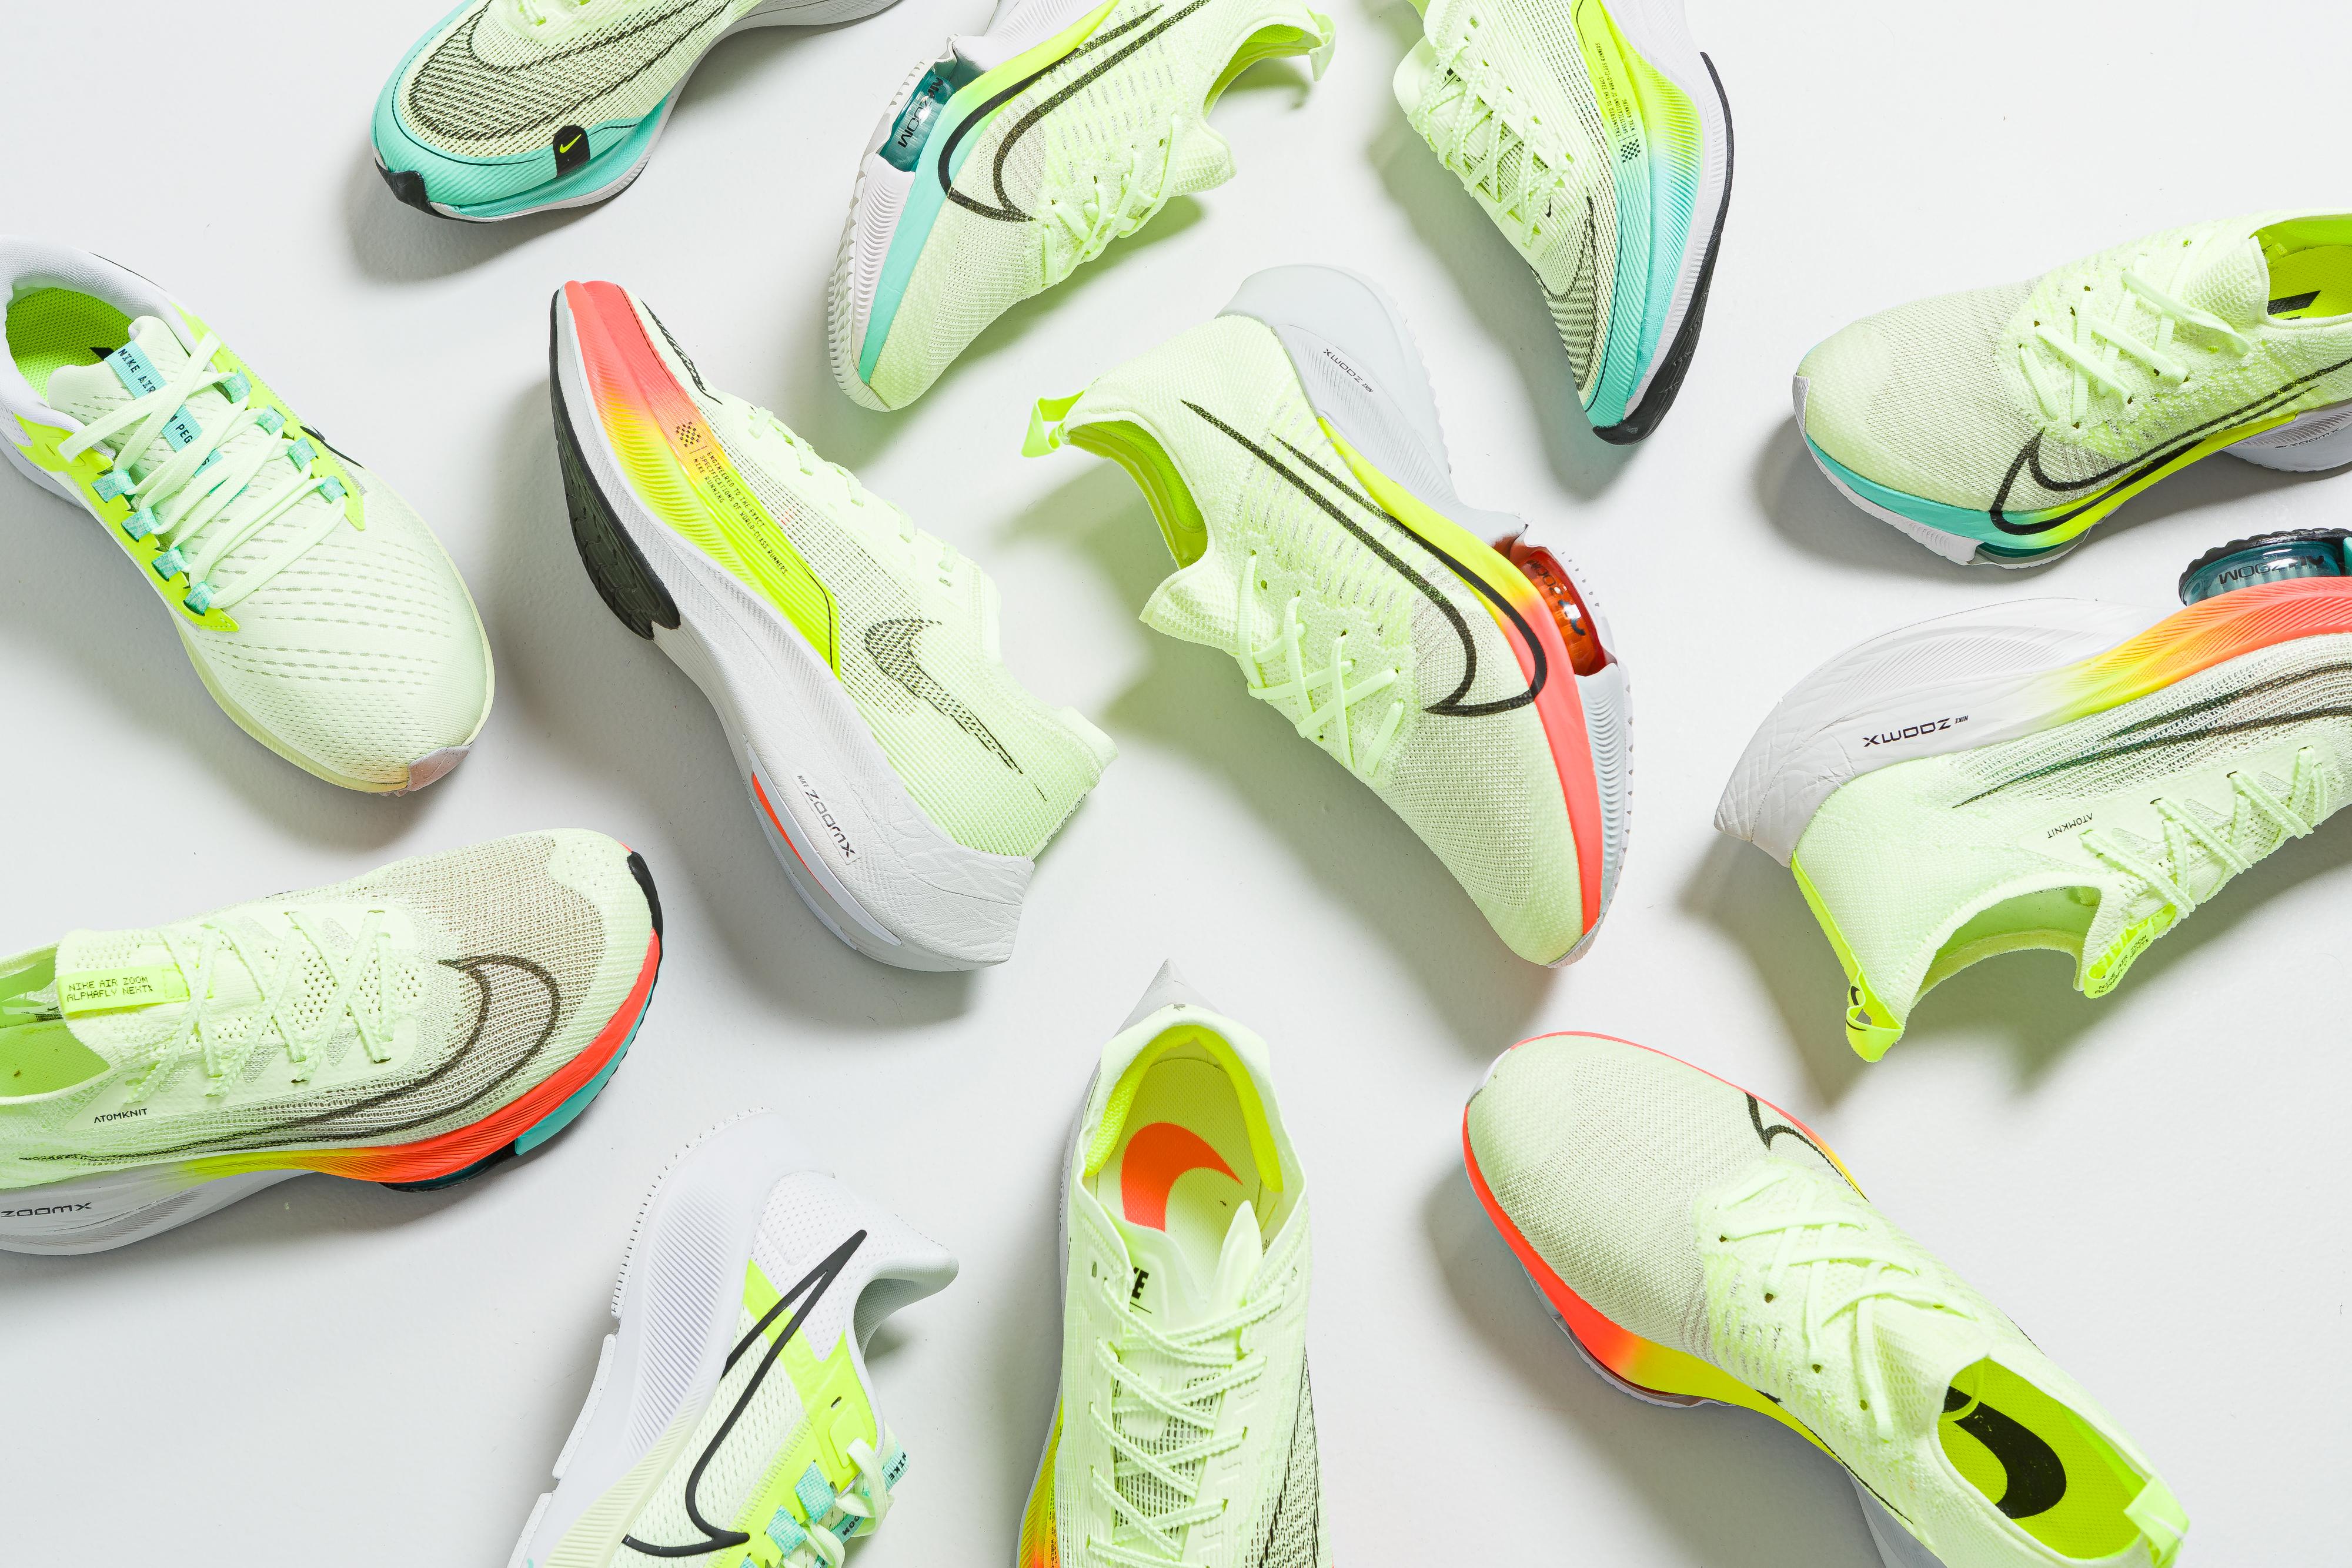 Nike's Barley Volt Pack